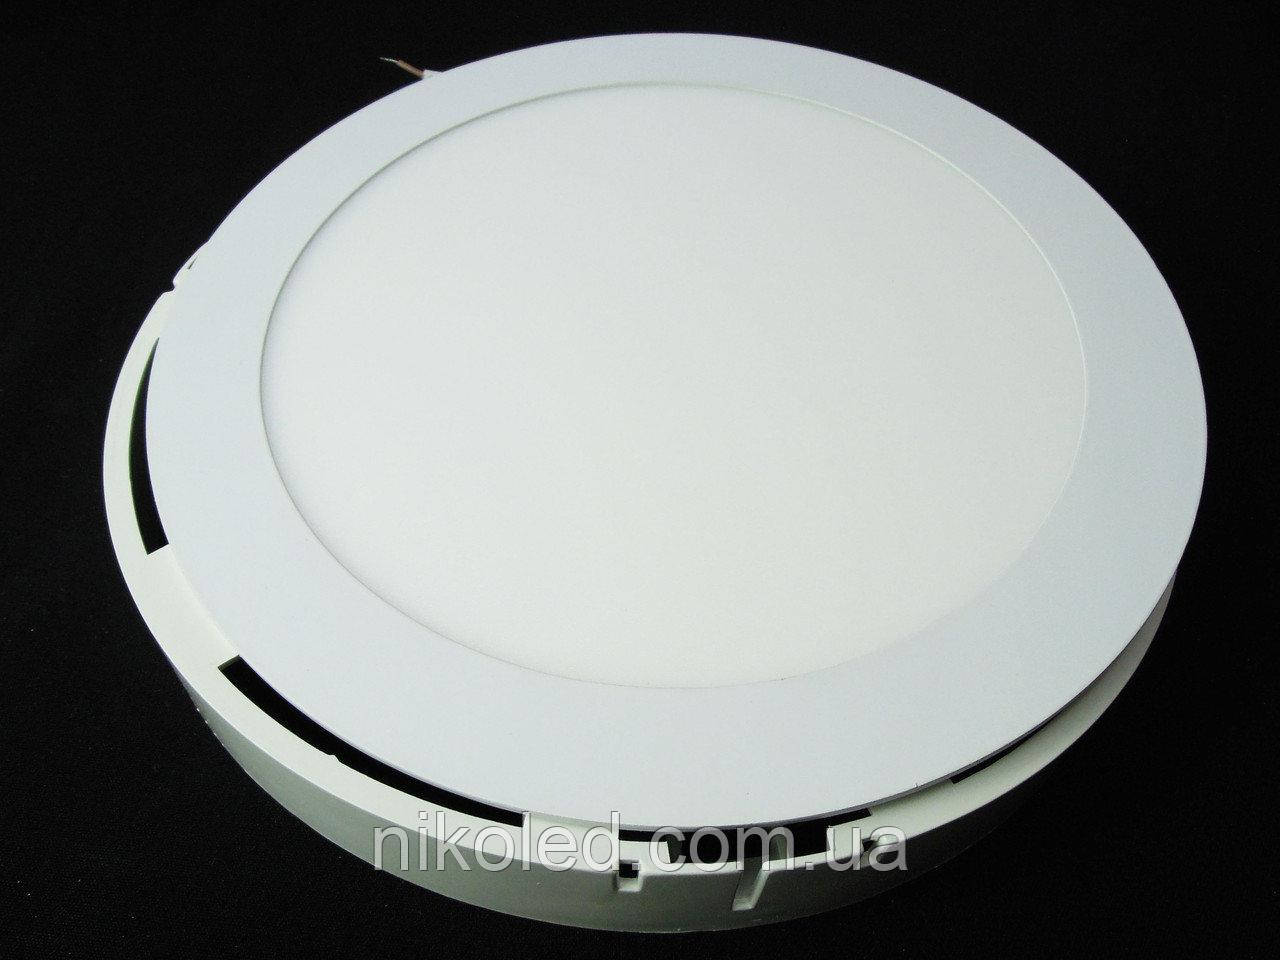 Светильник накладной LED 18W круг 3000К пластик Теплый белый